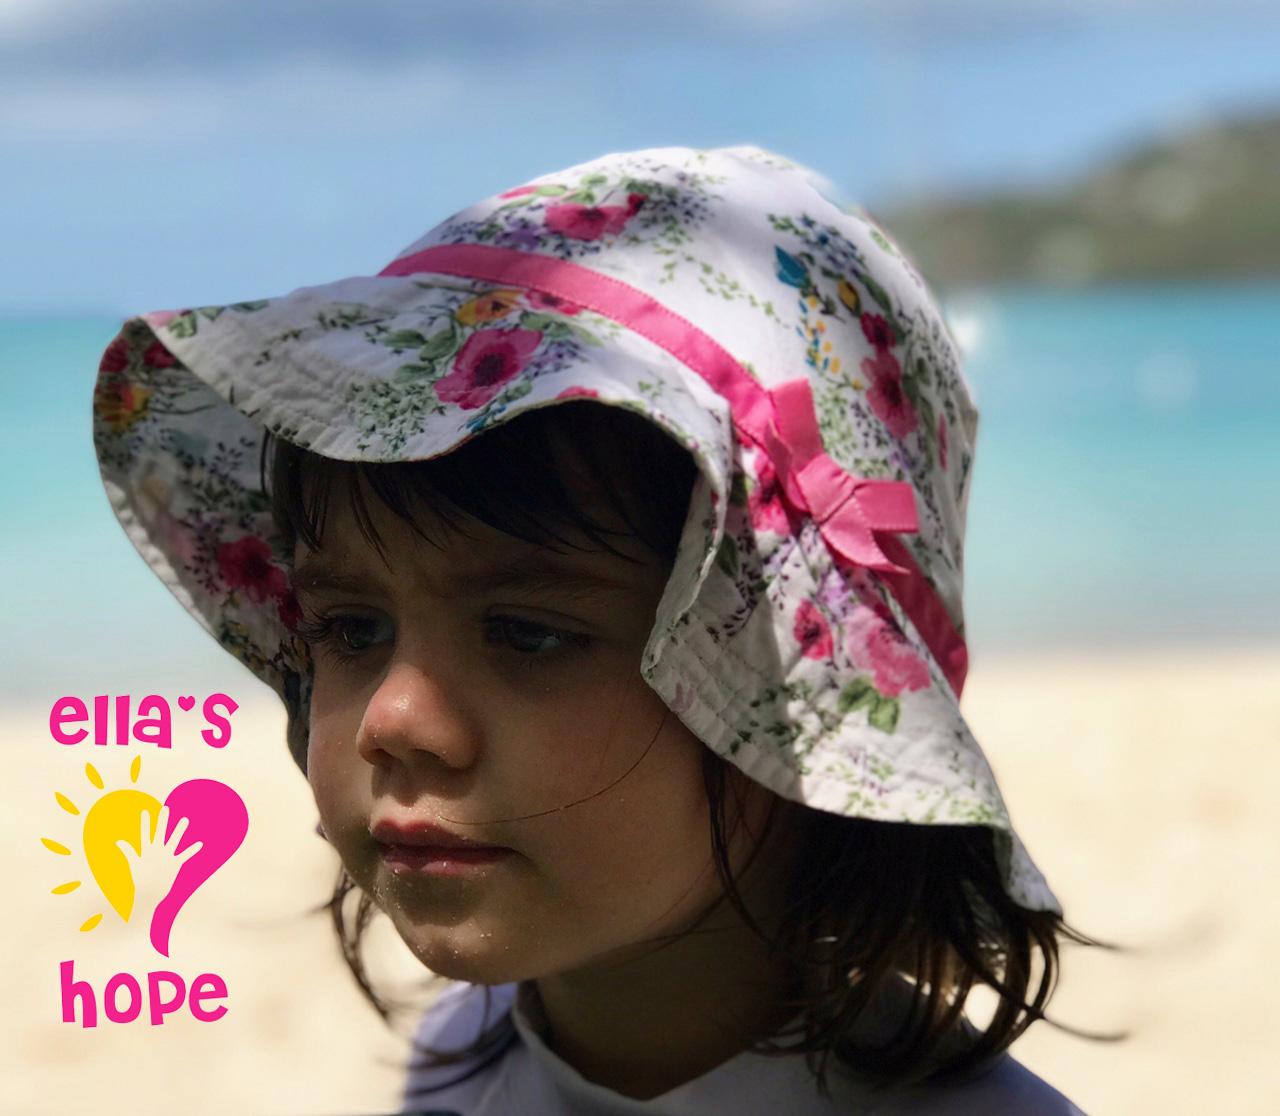 Ellas Hope Image .jpg